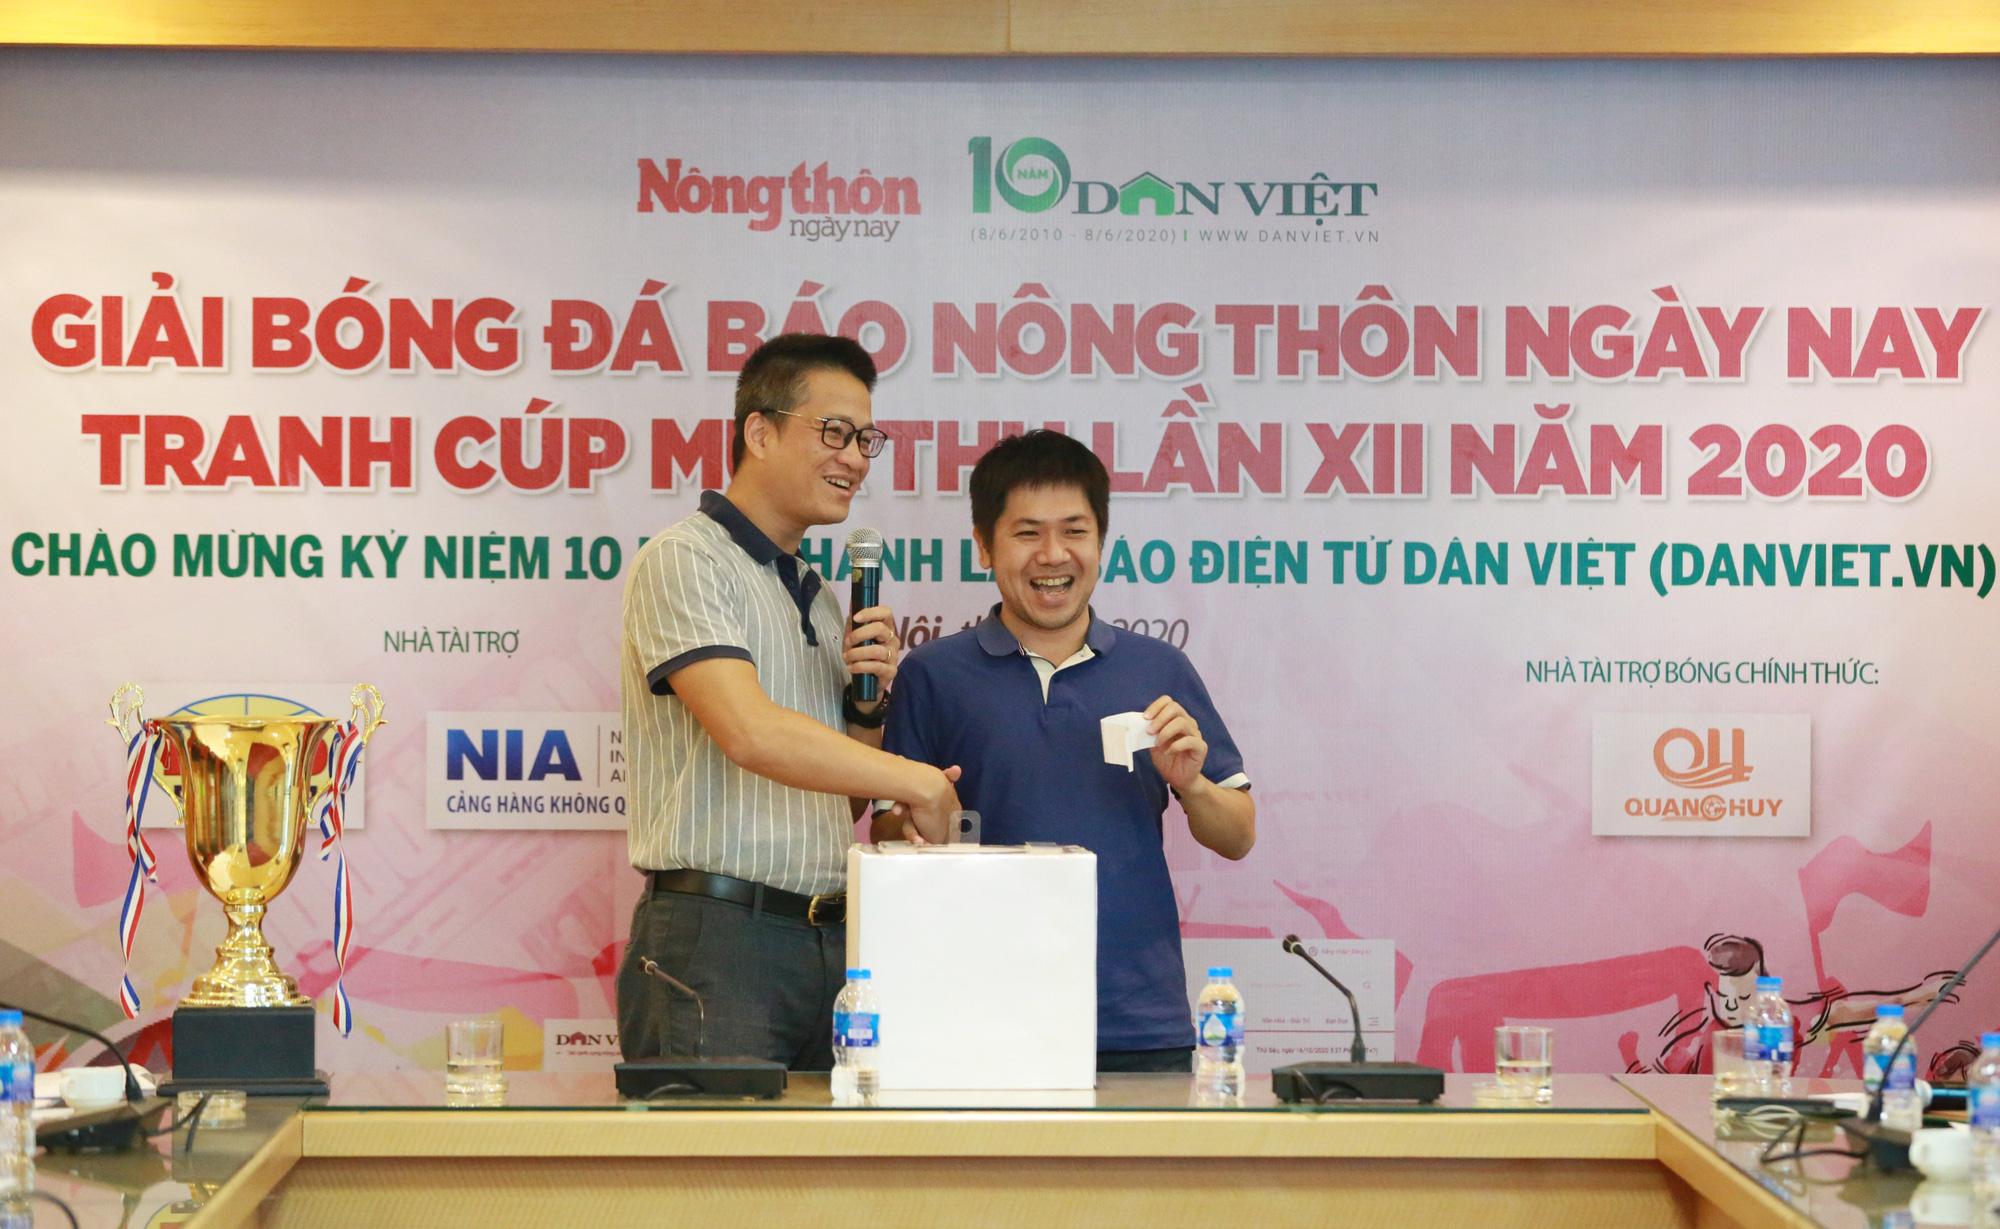 BLV Vũ Quang Huy nói gì khi tài trợ Giải bóng đá Báo NTNN/Dân Việt 2020? - Ảnh 1.